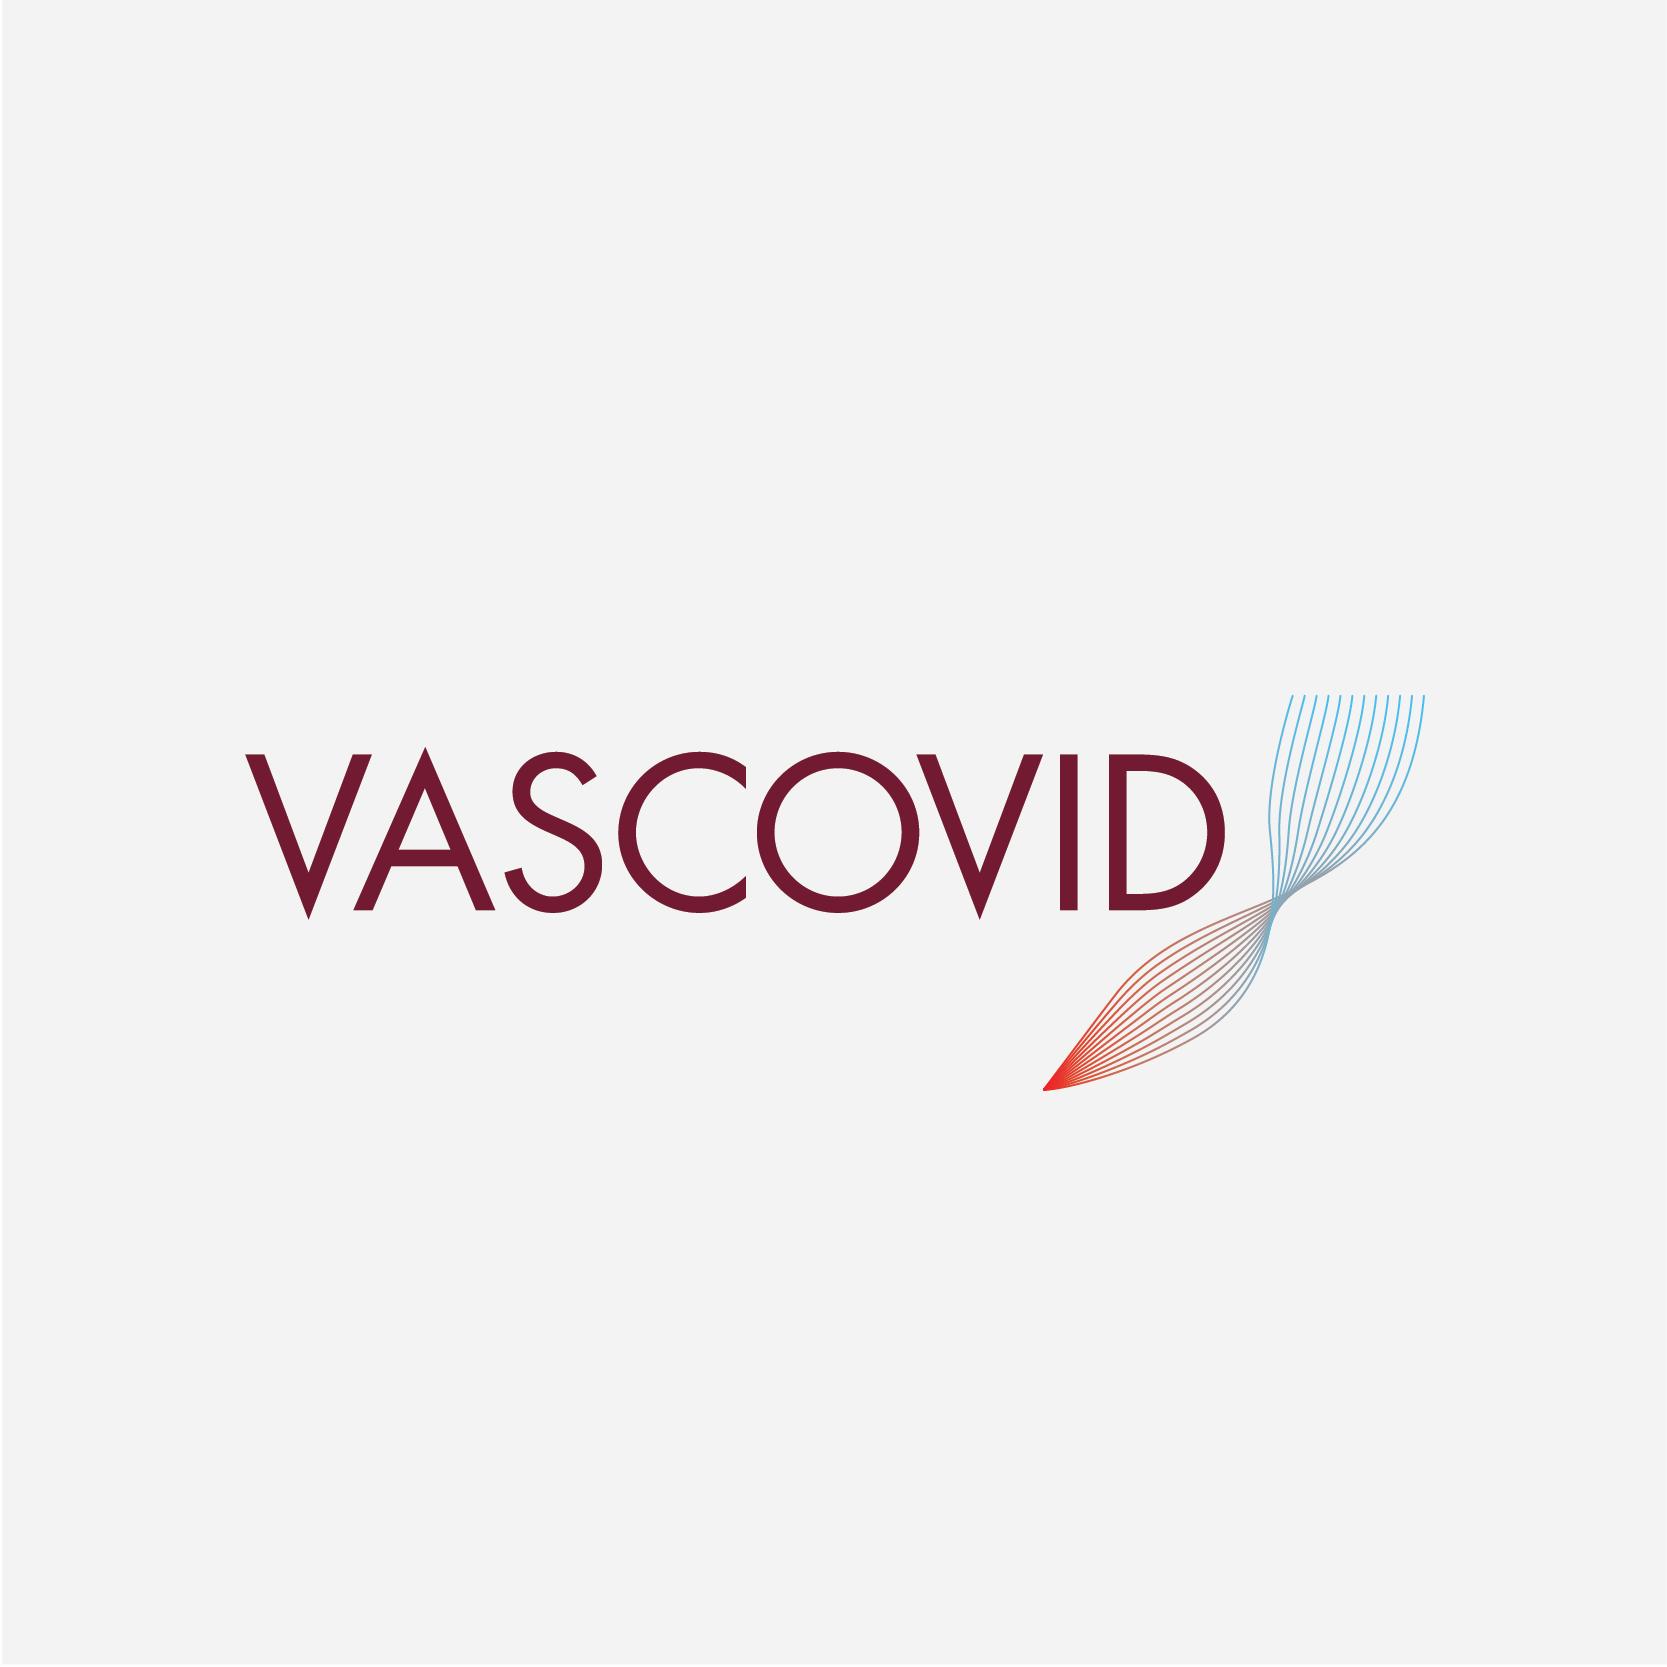 ICFO-logo_Vascovid-Daniel-Cavalcanti-01